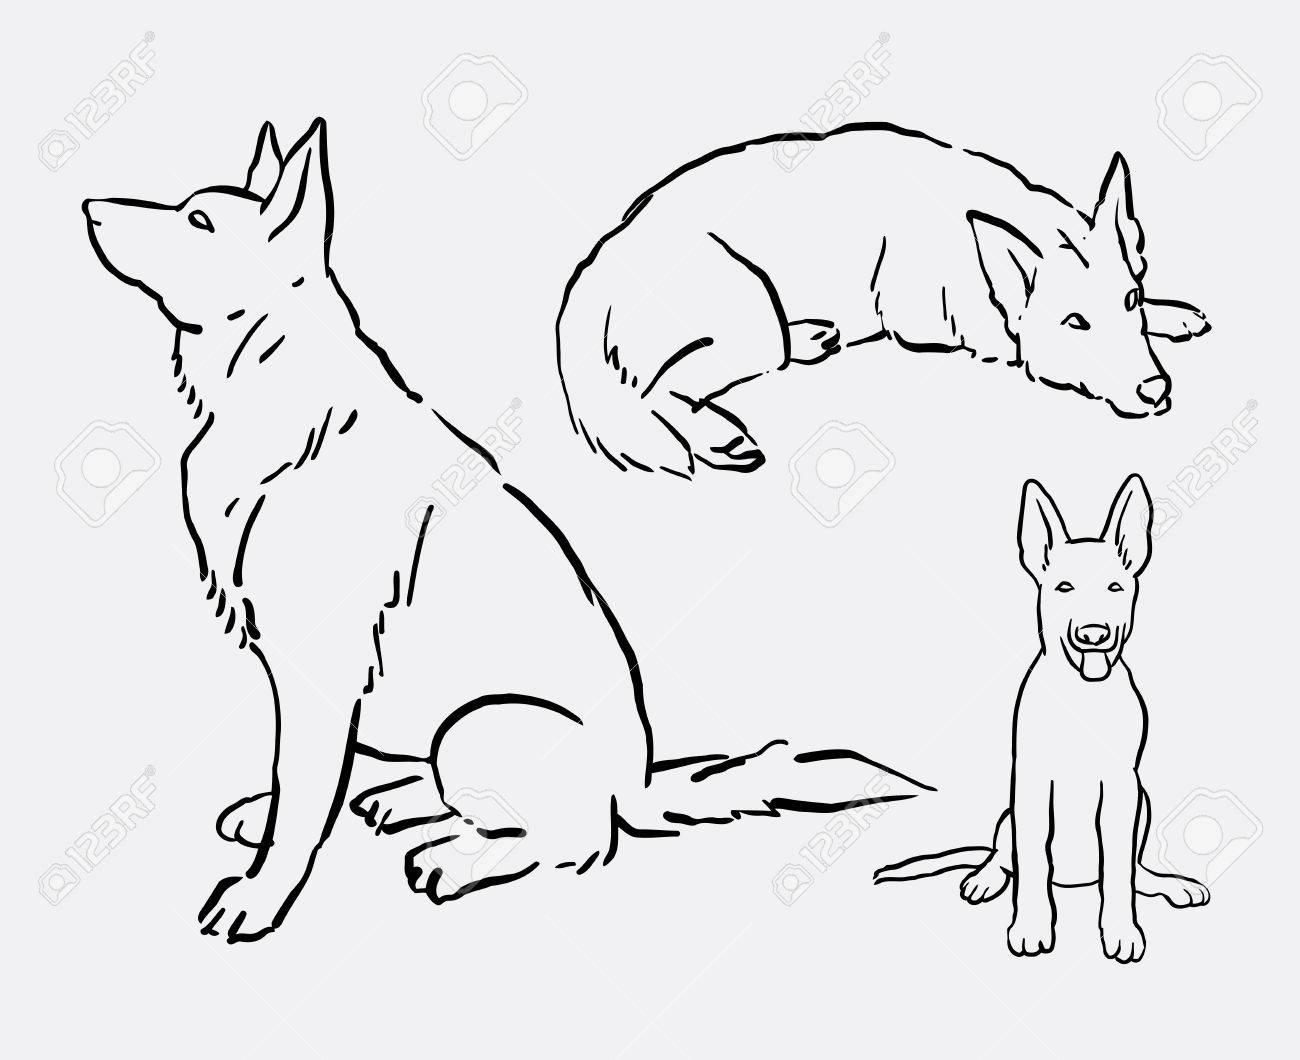 1300x1060 German Shepherd Pet Dog Animal Drawing. Good Use For Symbol